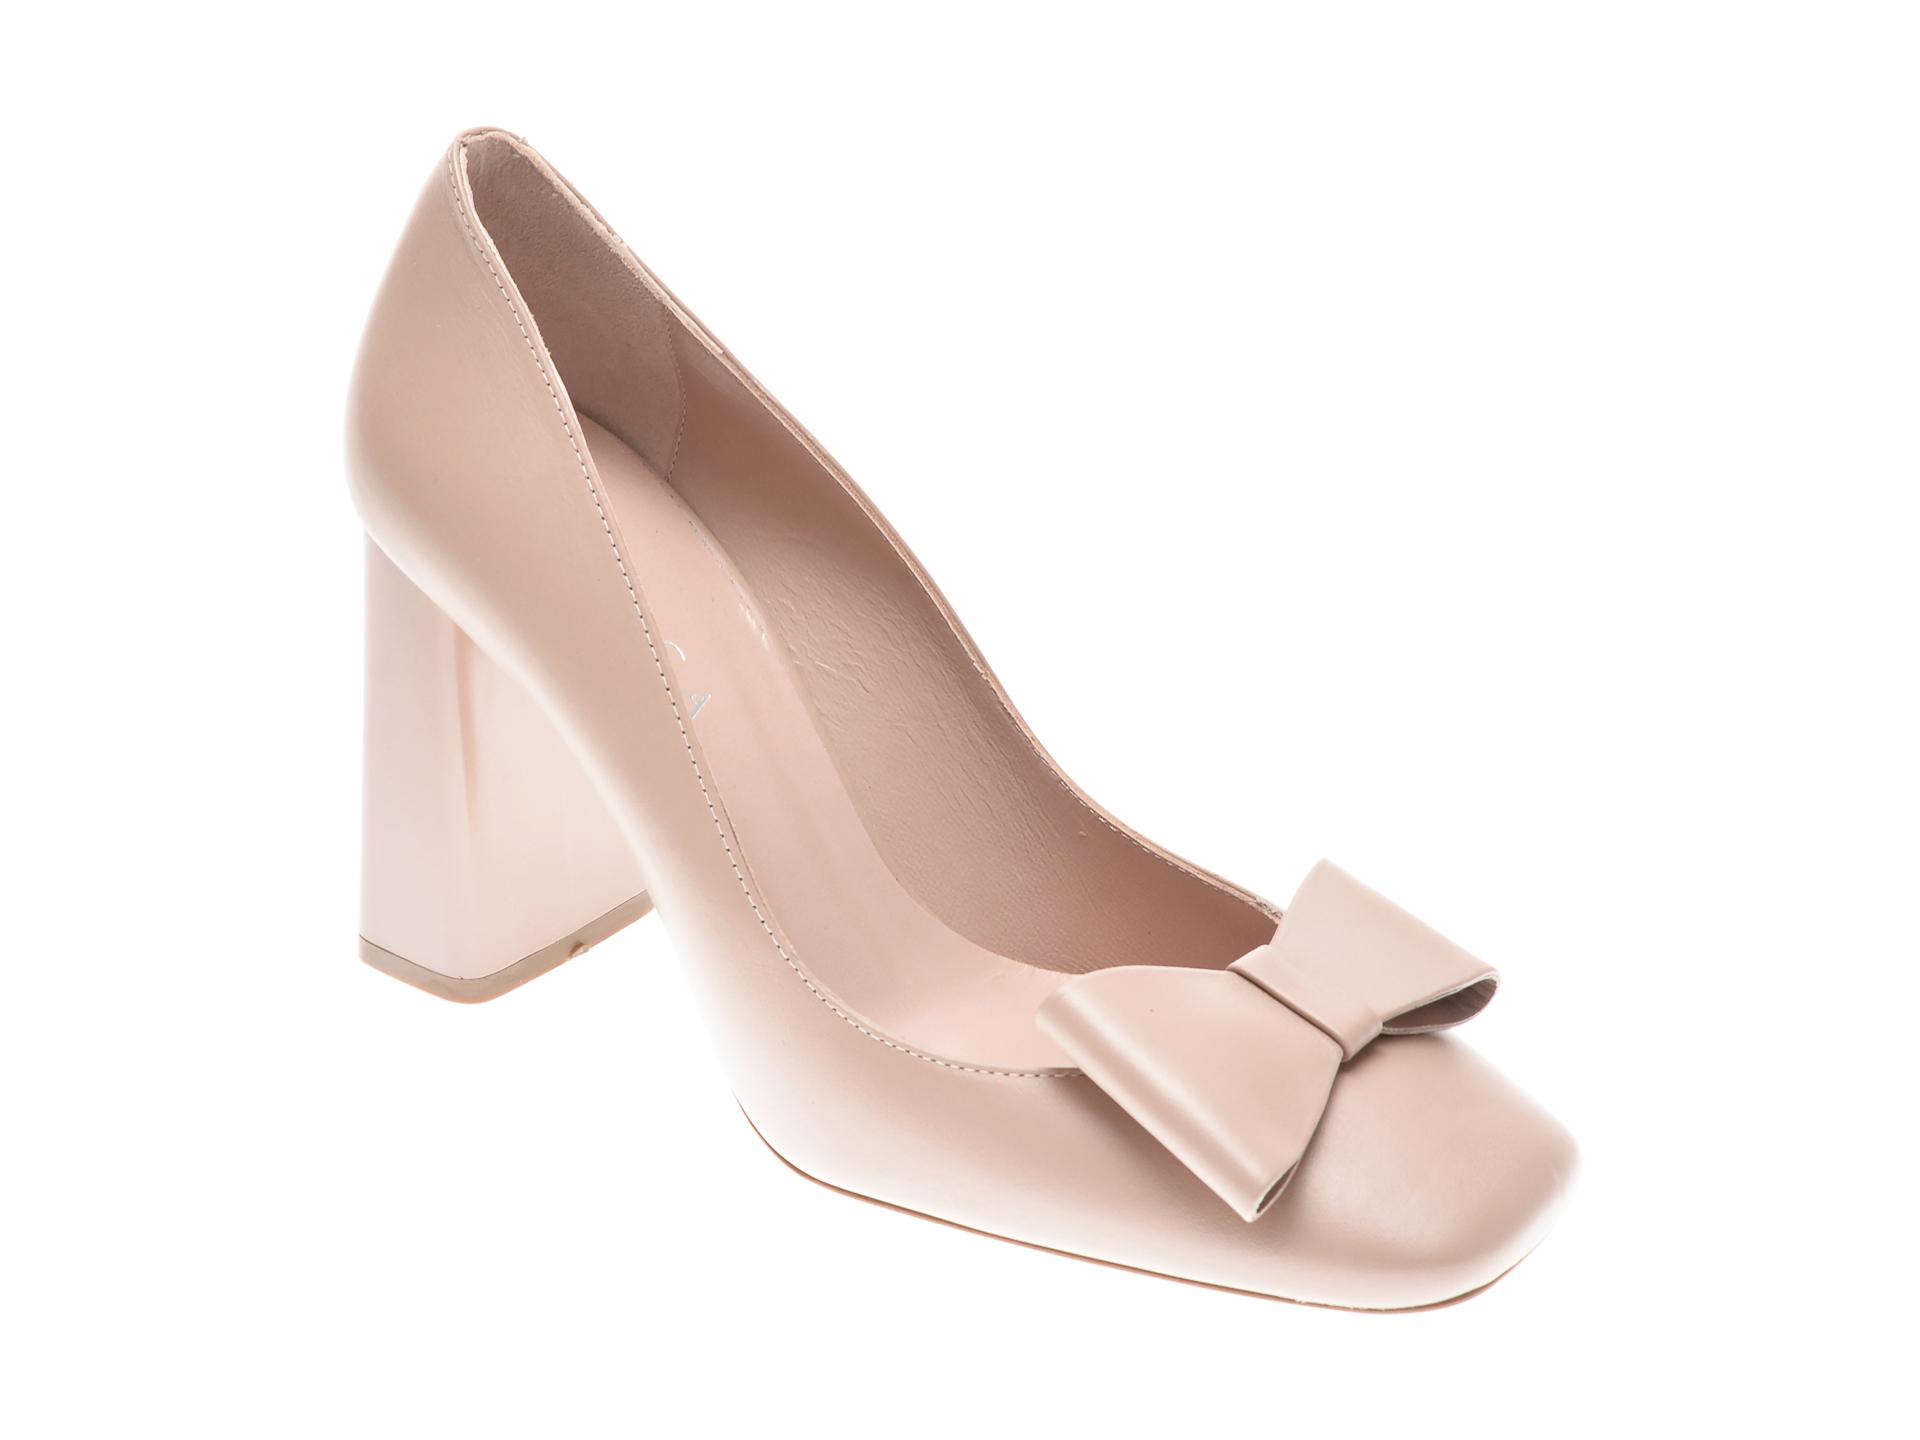 Pantofi EPICA nude, 25644, din piele naturala